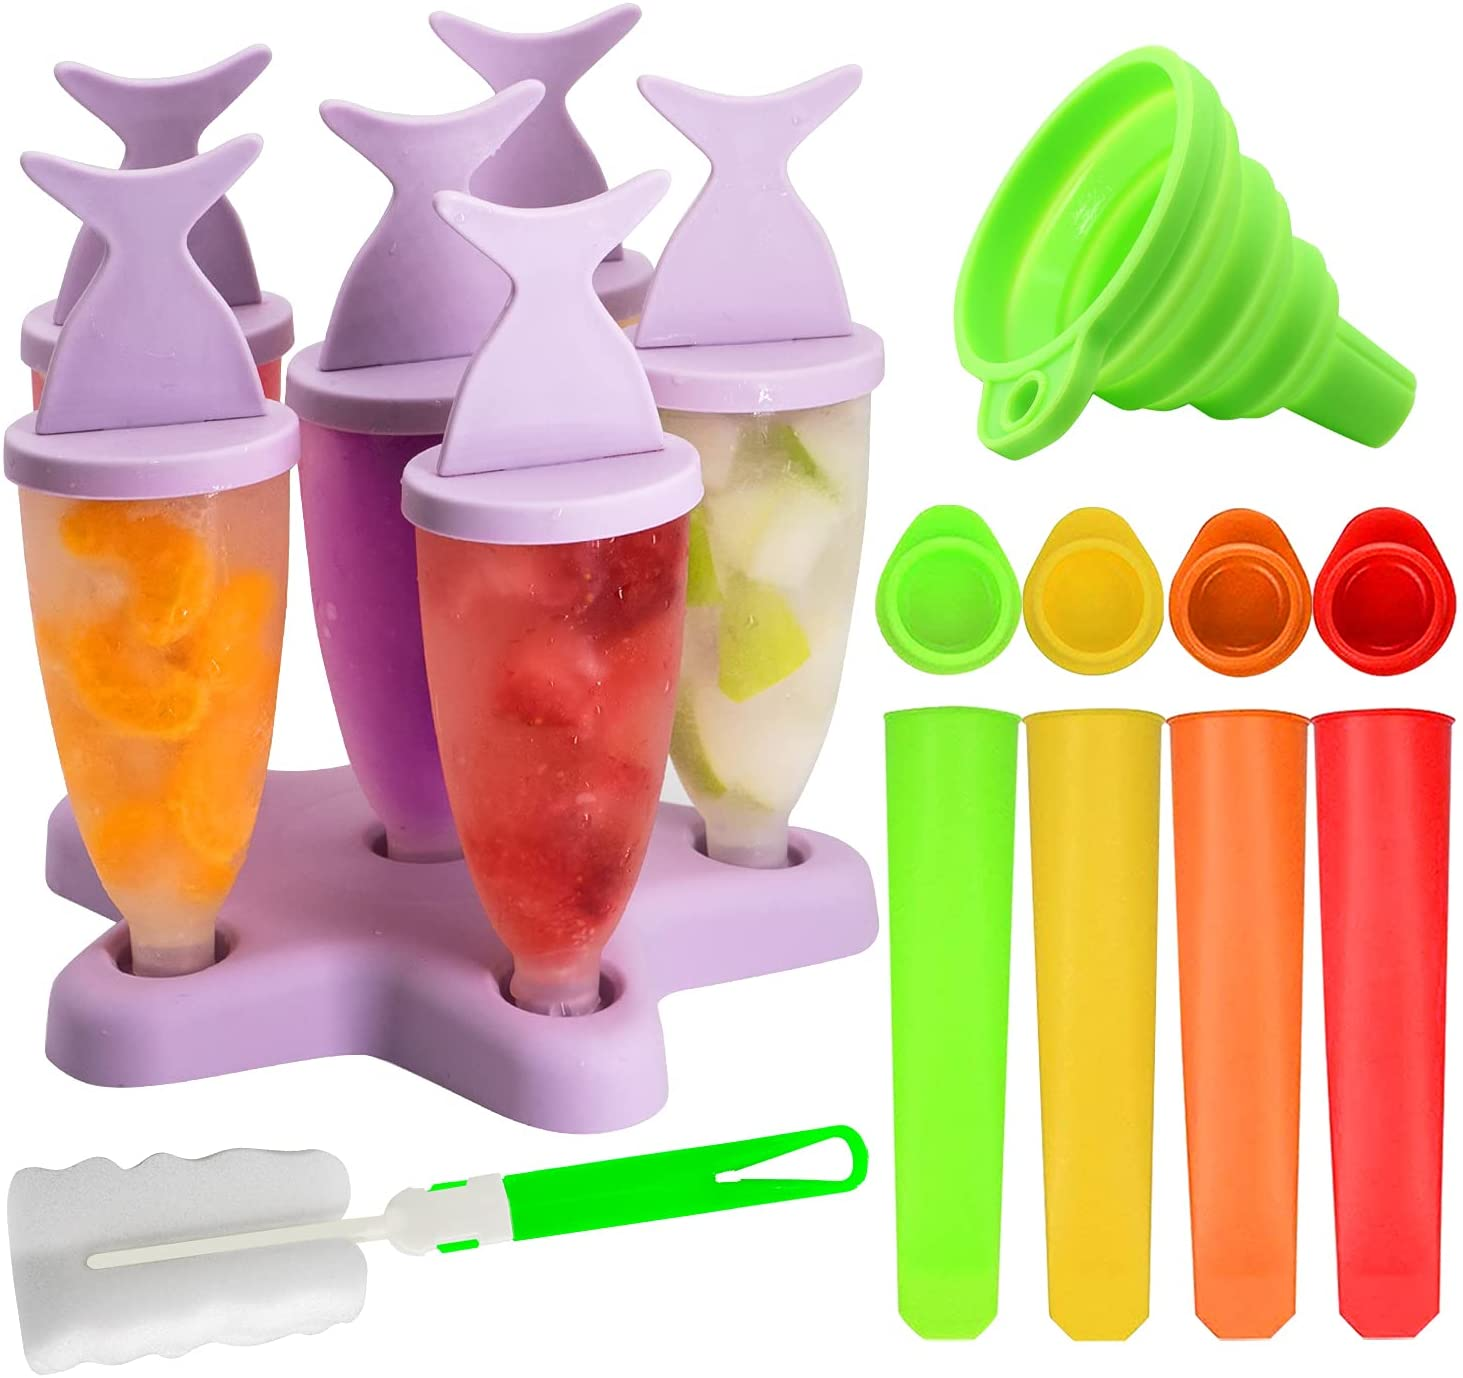 Set de moldes en forma de cono para helados y polos